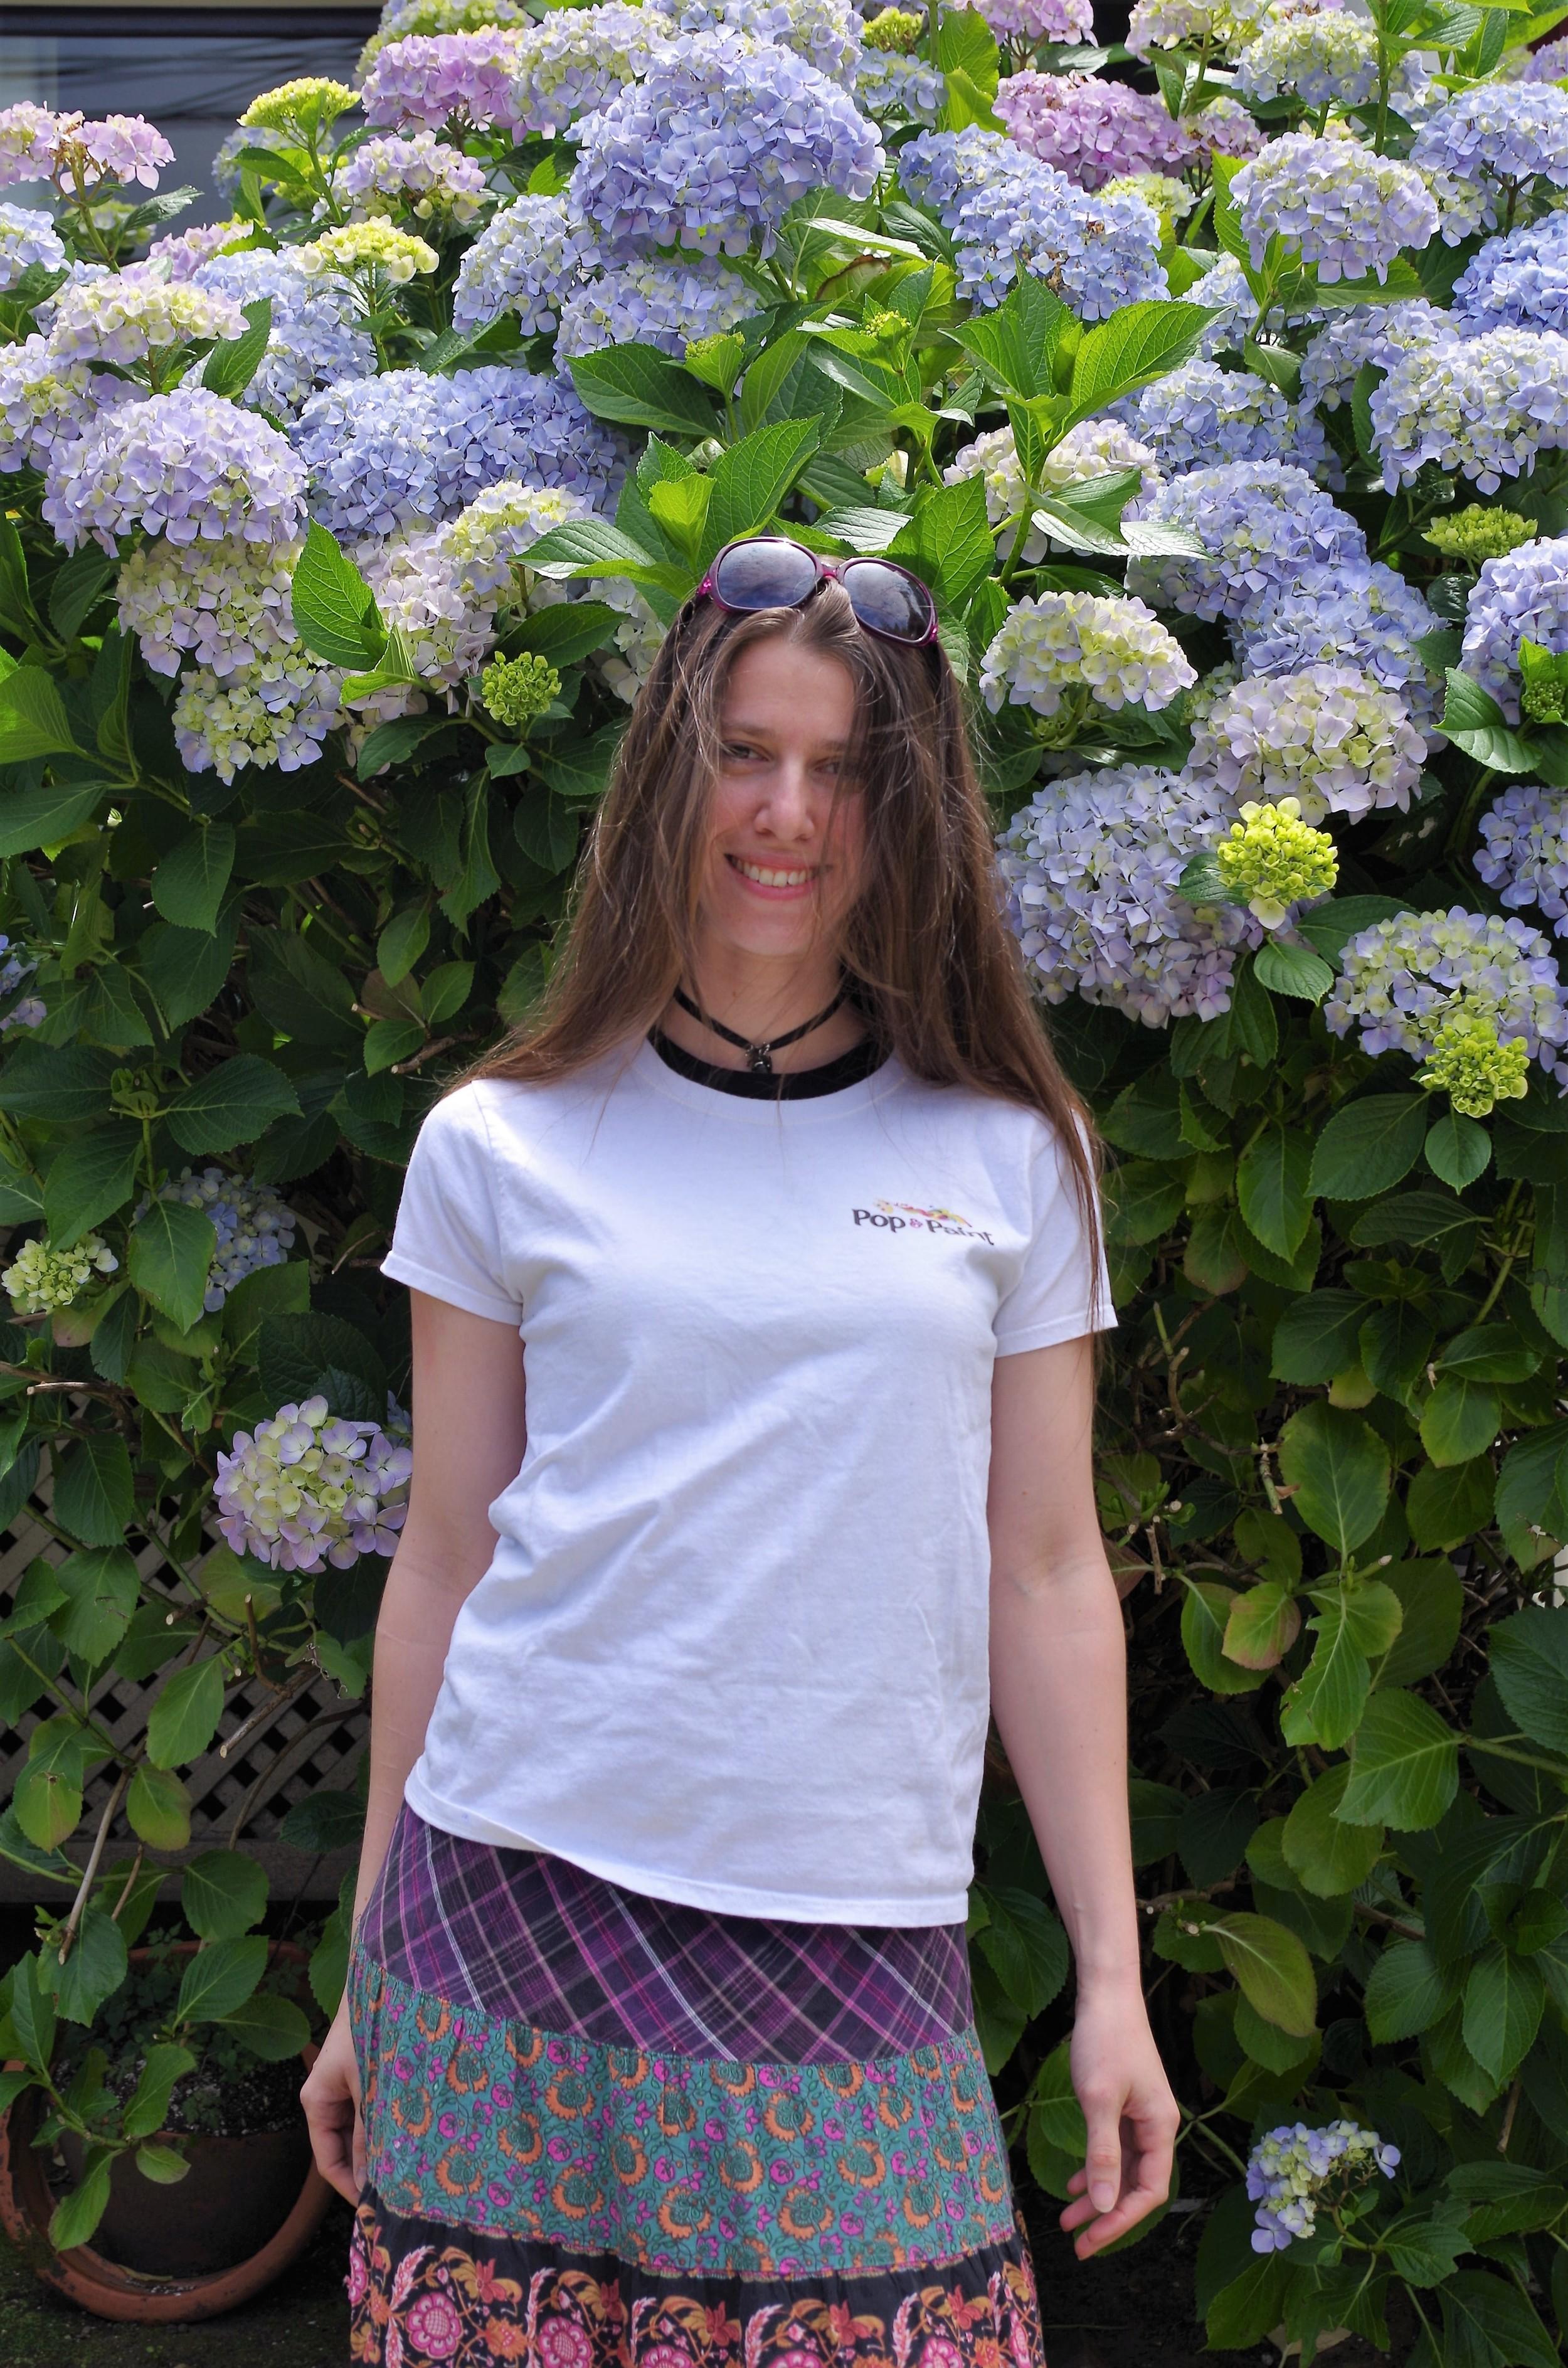 Elizabeth Canup